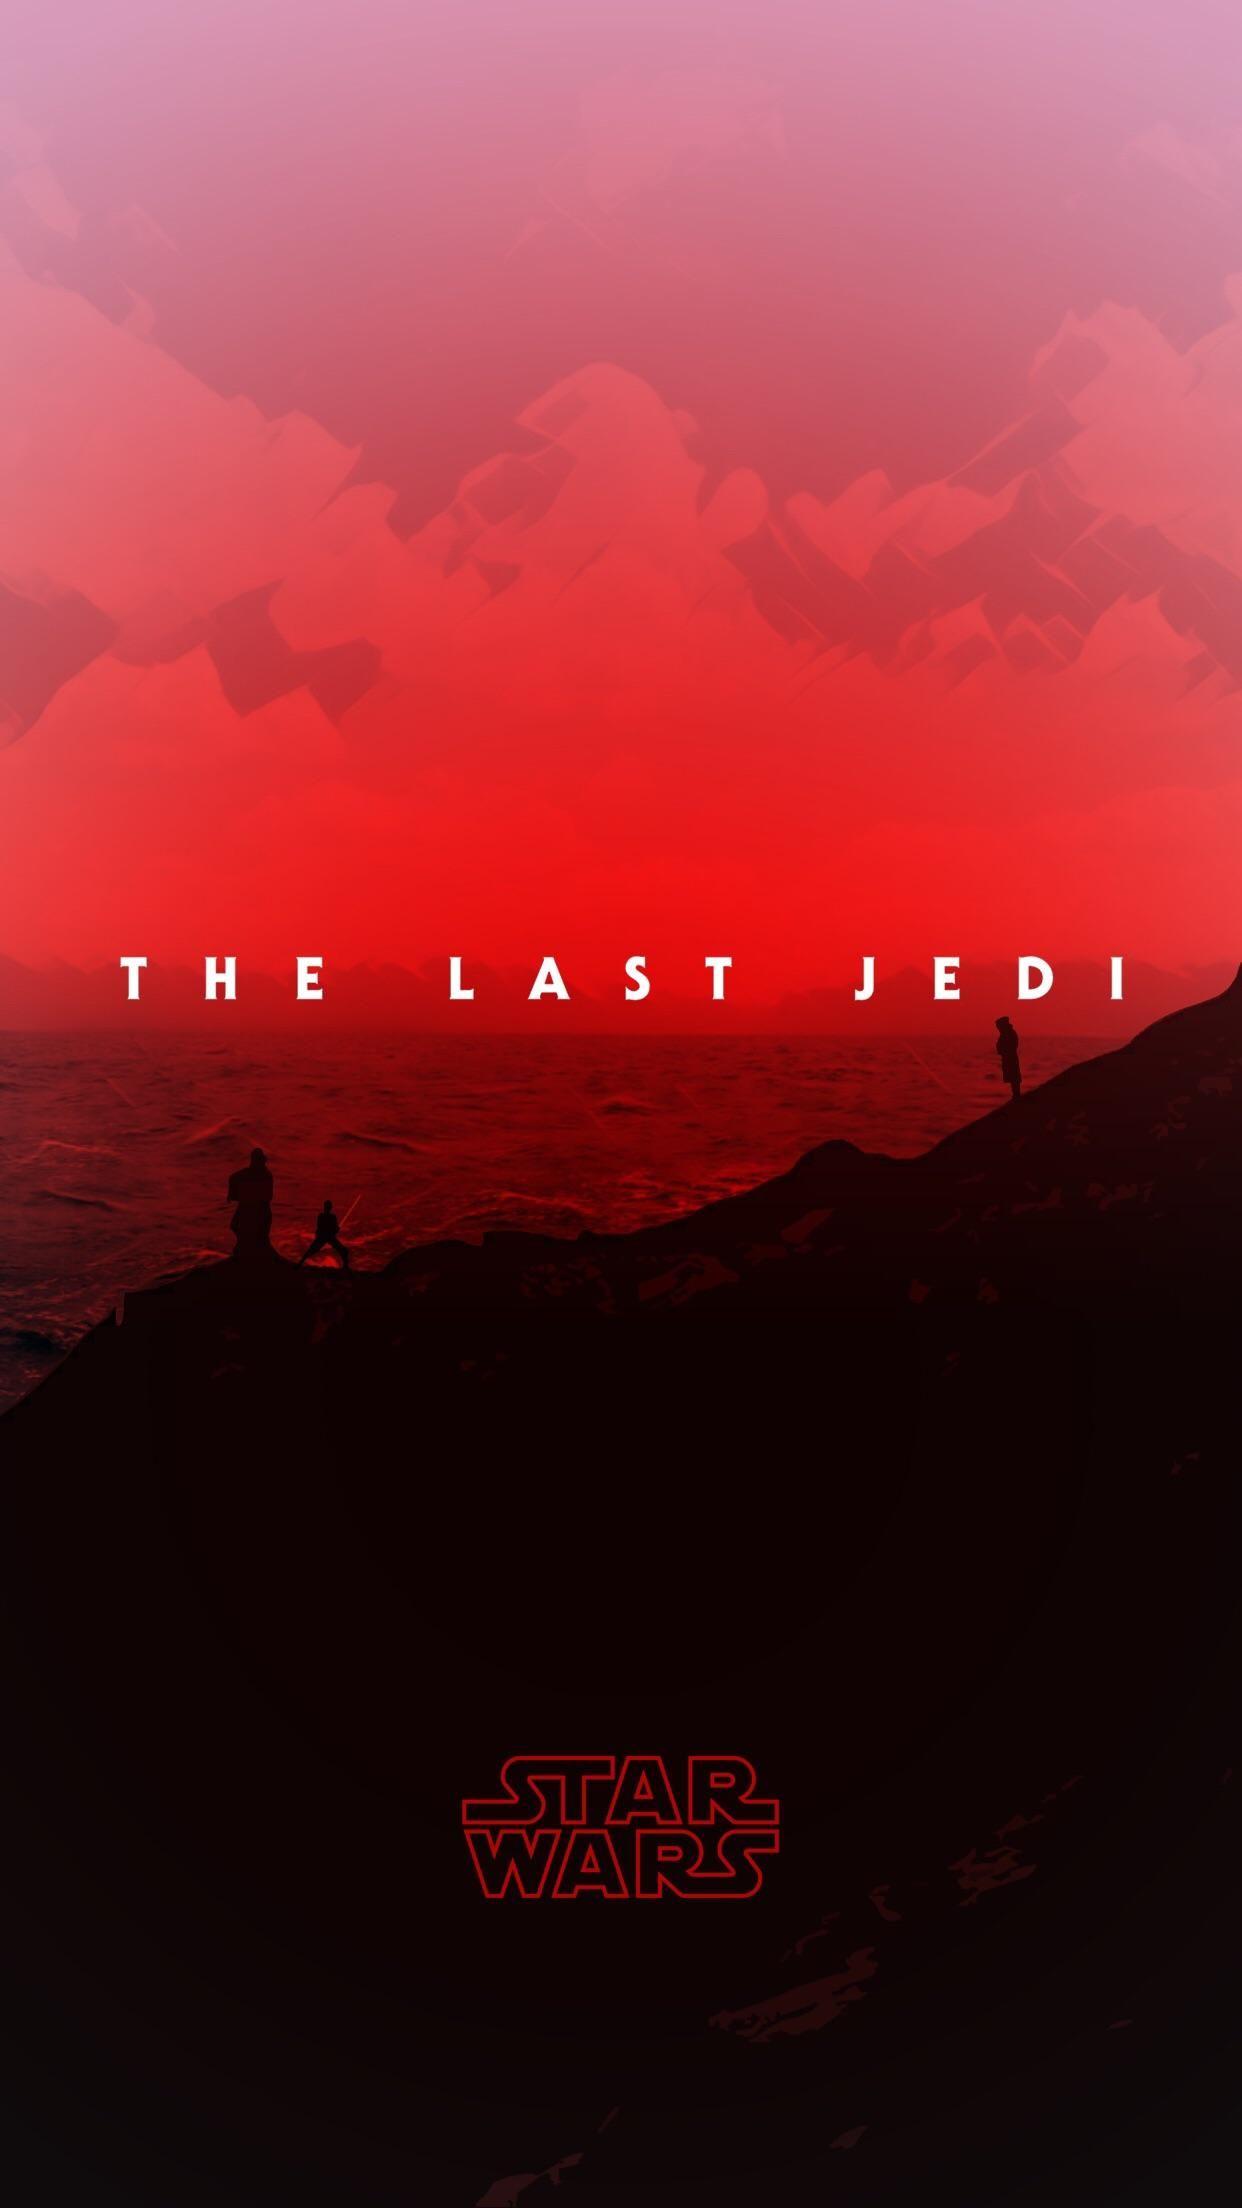 Star Wars The Last Jedi 2017 Hd Wallpaper From Gallsource Com Star Wars Poster Star Wars Star Wars Film